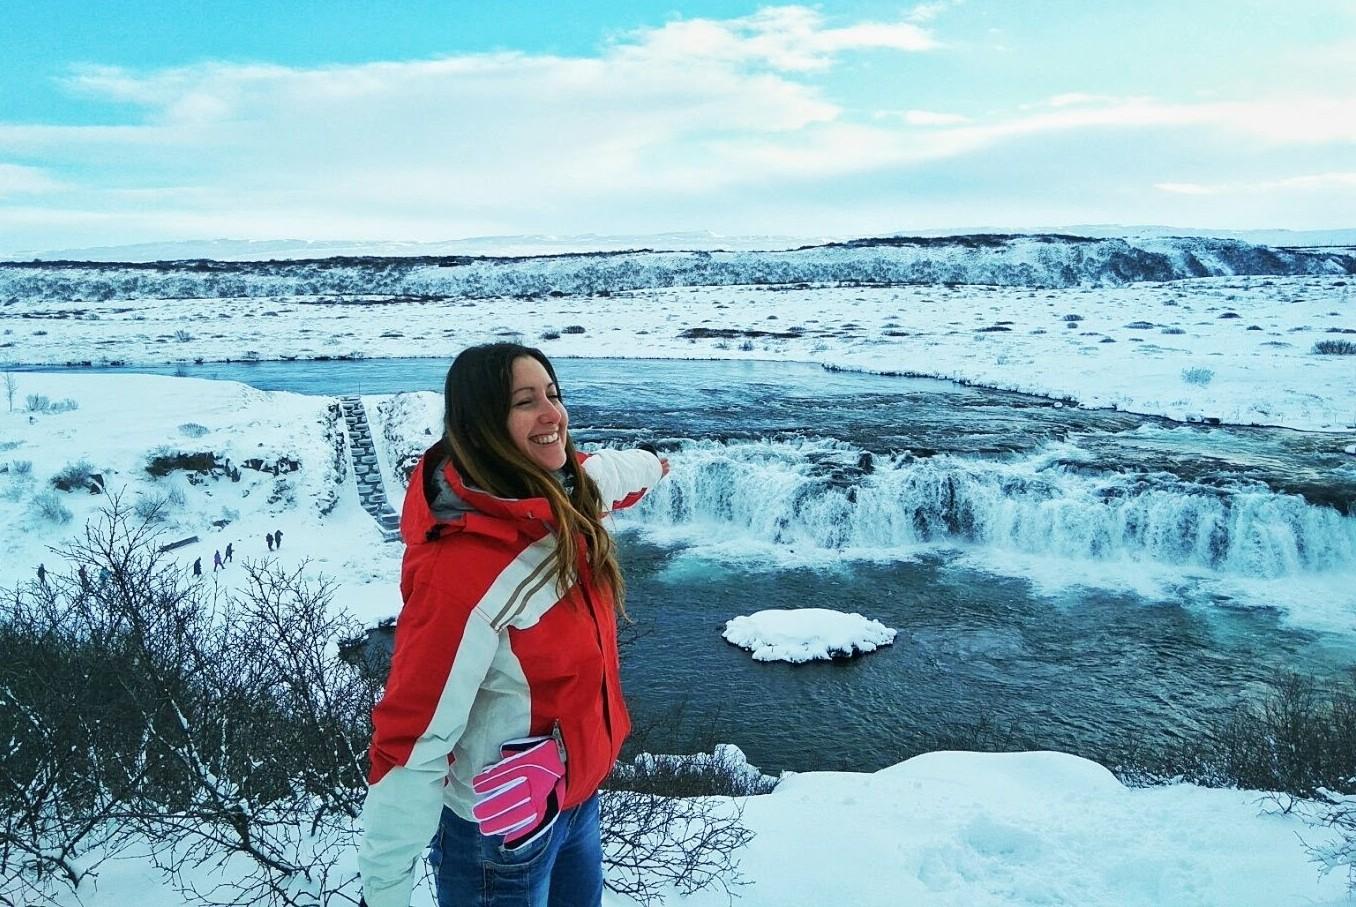 Путешествие в Исландию: 7 дней за 150 евро с перелетом